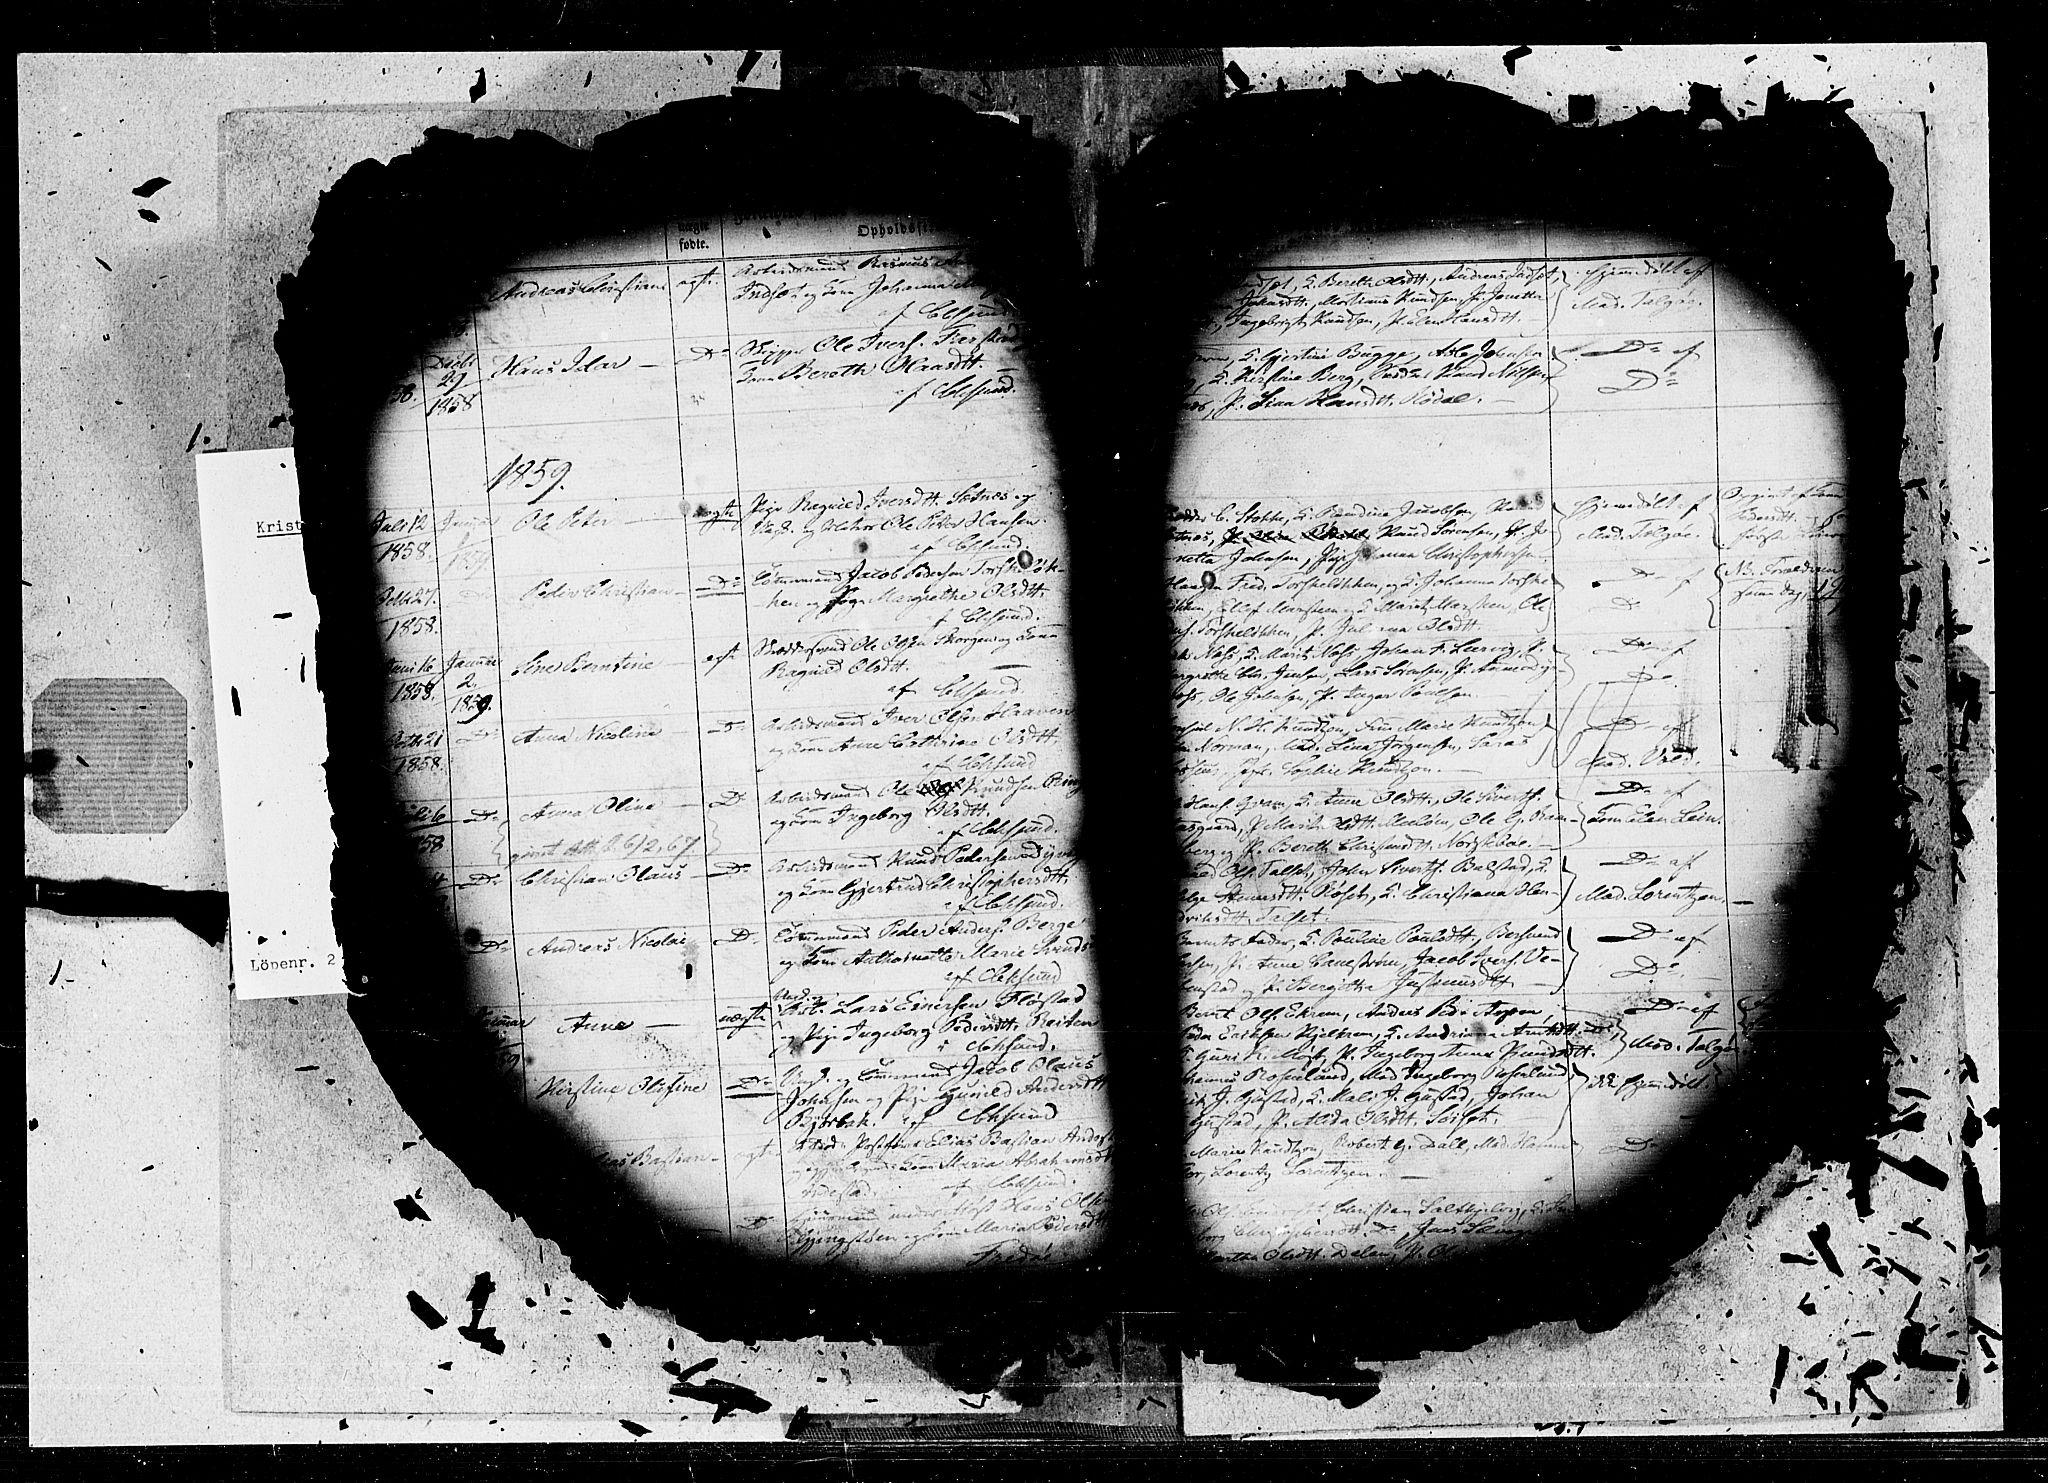 SAT, Ministerialprotokoller, klokkerbøker og fødselsregistre - Møre og Romsdal, 572/L0846: Ministerialbok nr. 572A09, 1855-1865, s. 64